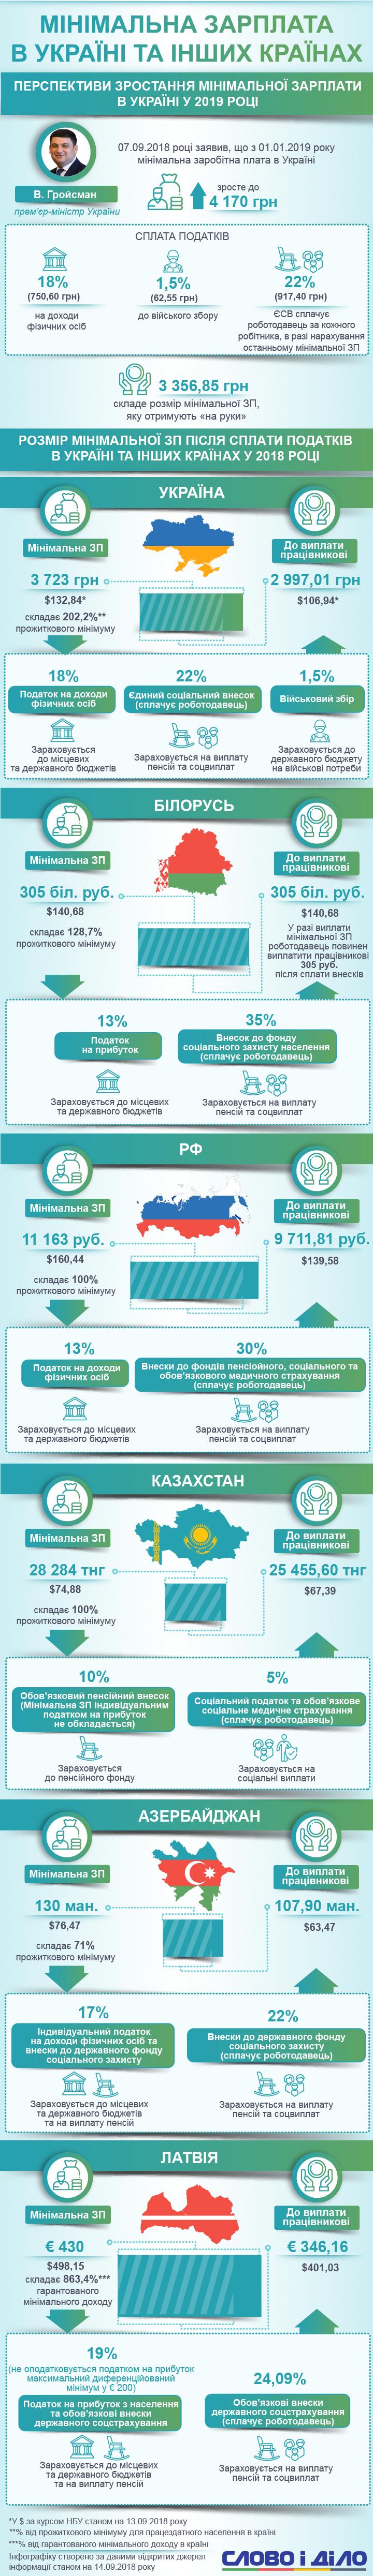 Какая минимальная заработная плата в Украине и других странах